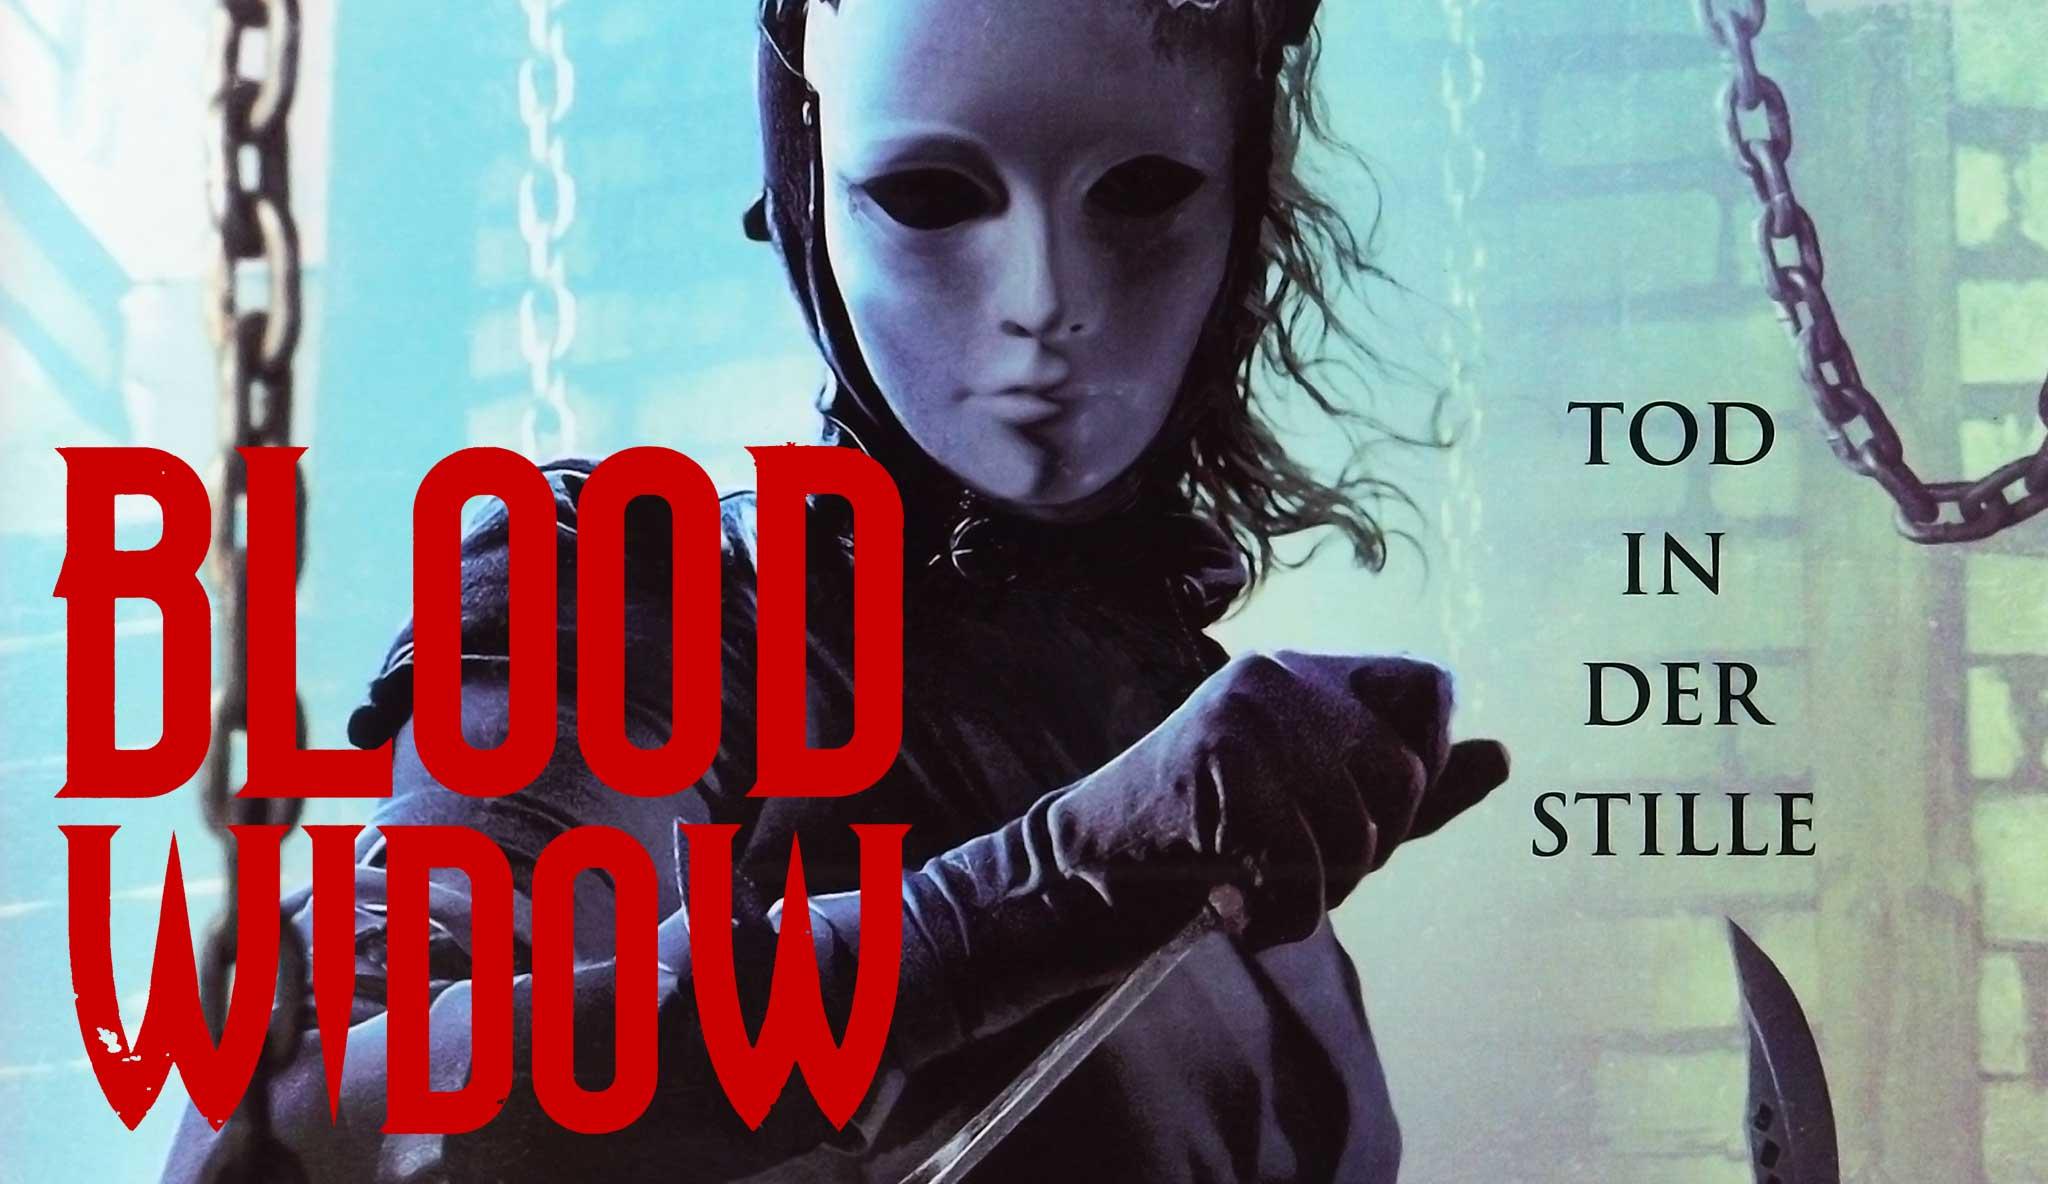 blood-widow-tod-in-der-stille\header.jpg